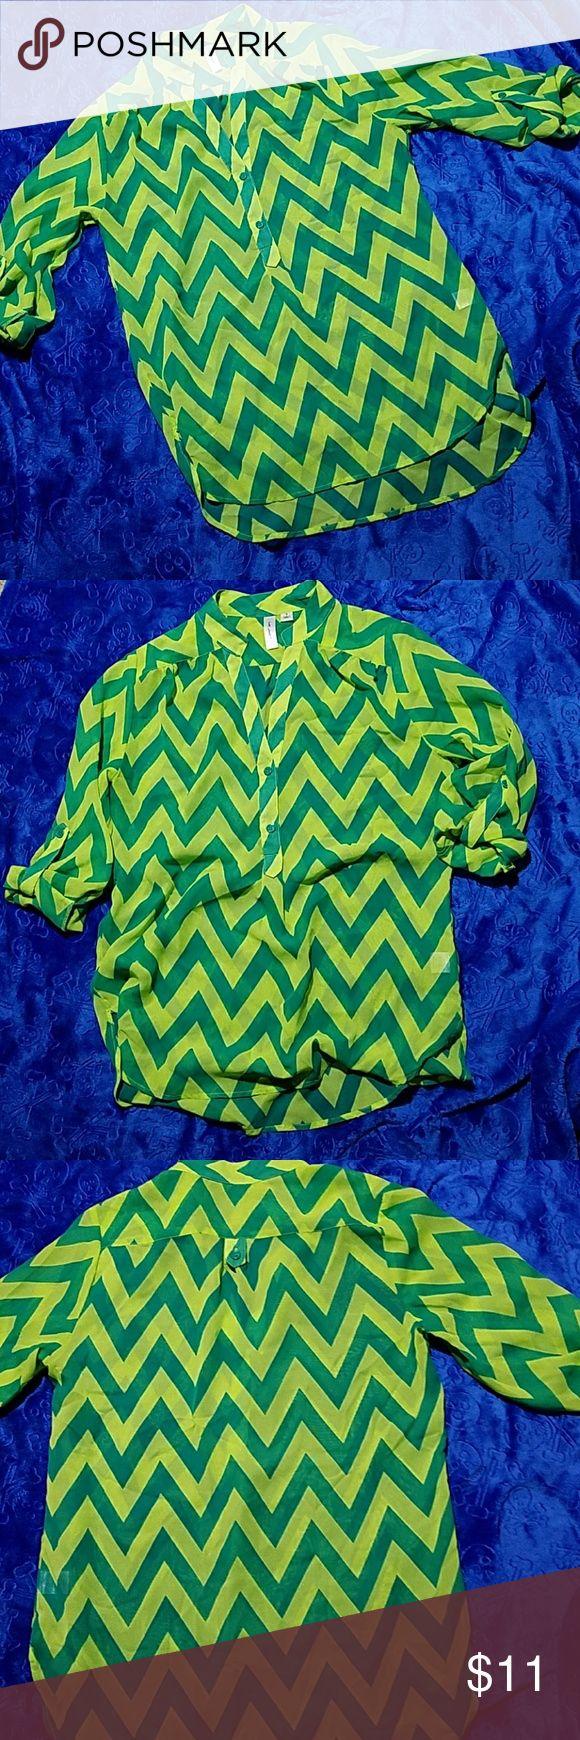 Sheer button down blouse small Tactera Green with lime green chevron print button down blouse with roll up sleeves button. Tactera Tops Button Down Shirts